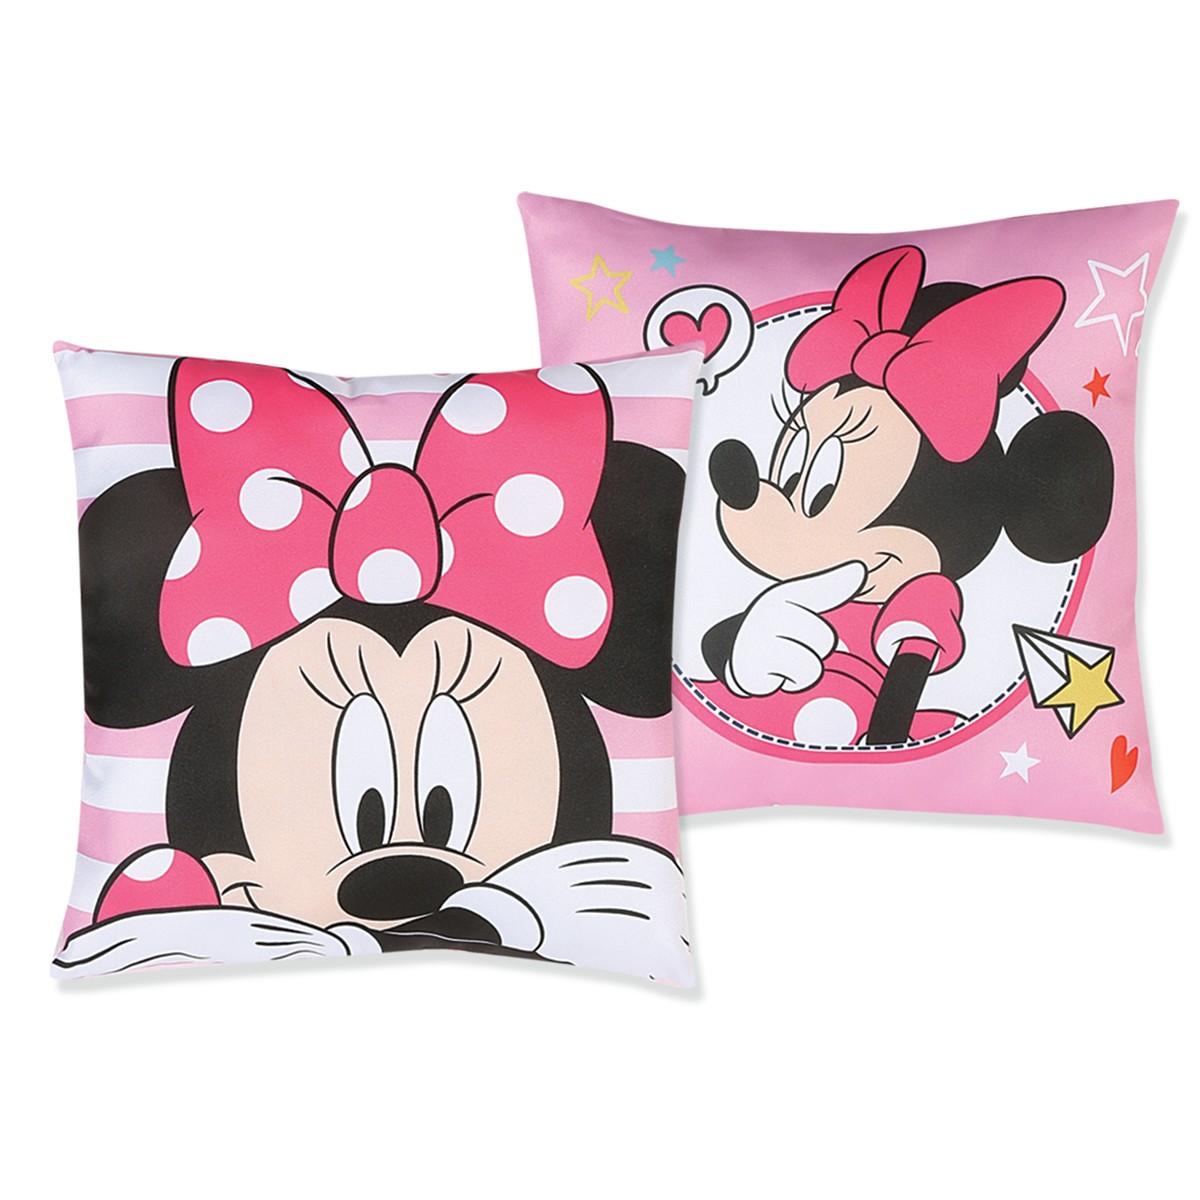 Διακοσμητικό Μαξιλάρι Nef-Nef Disney Minnie Style